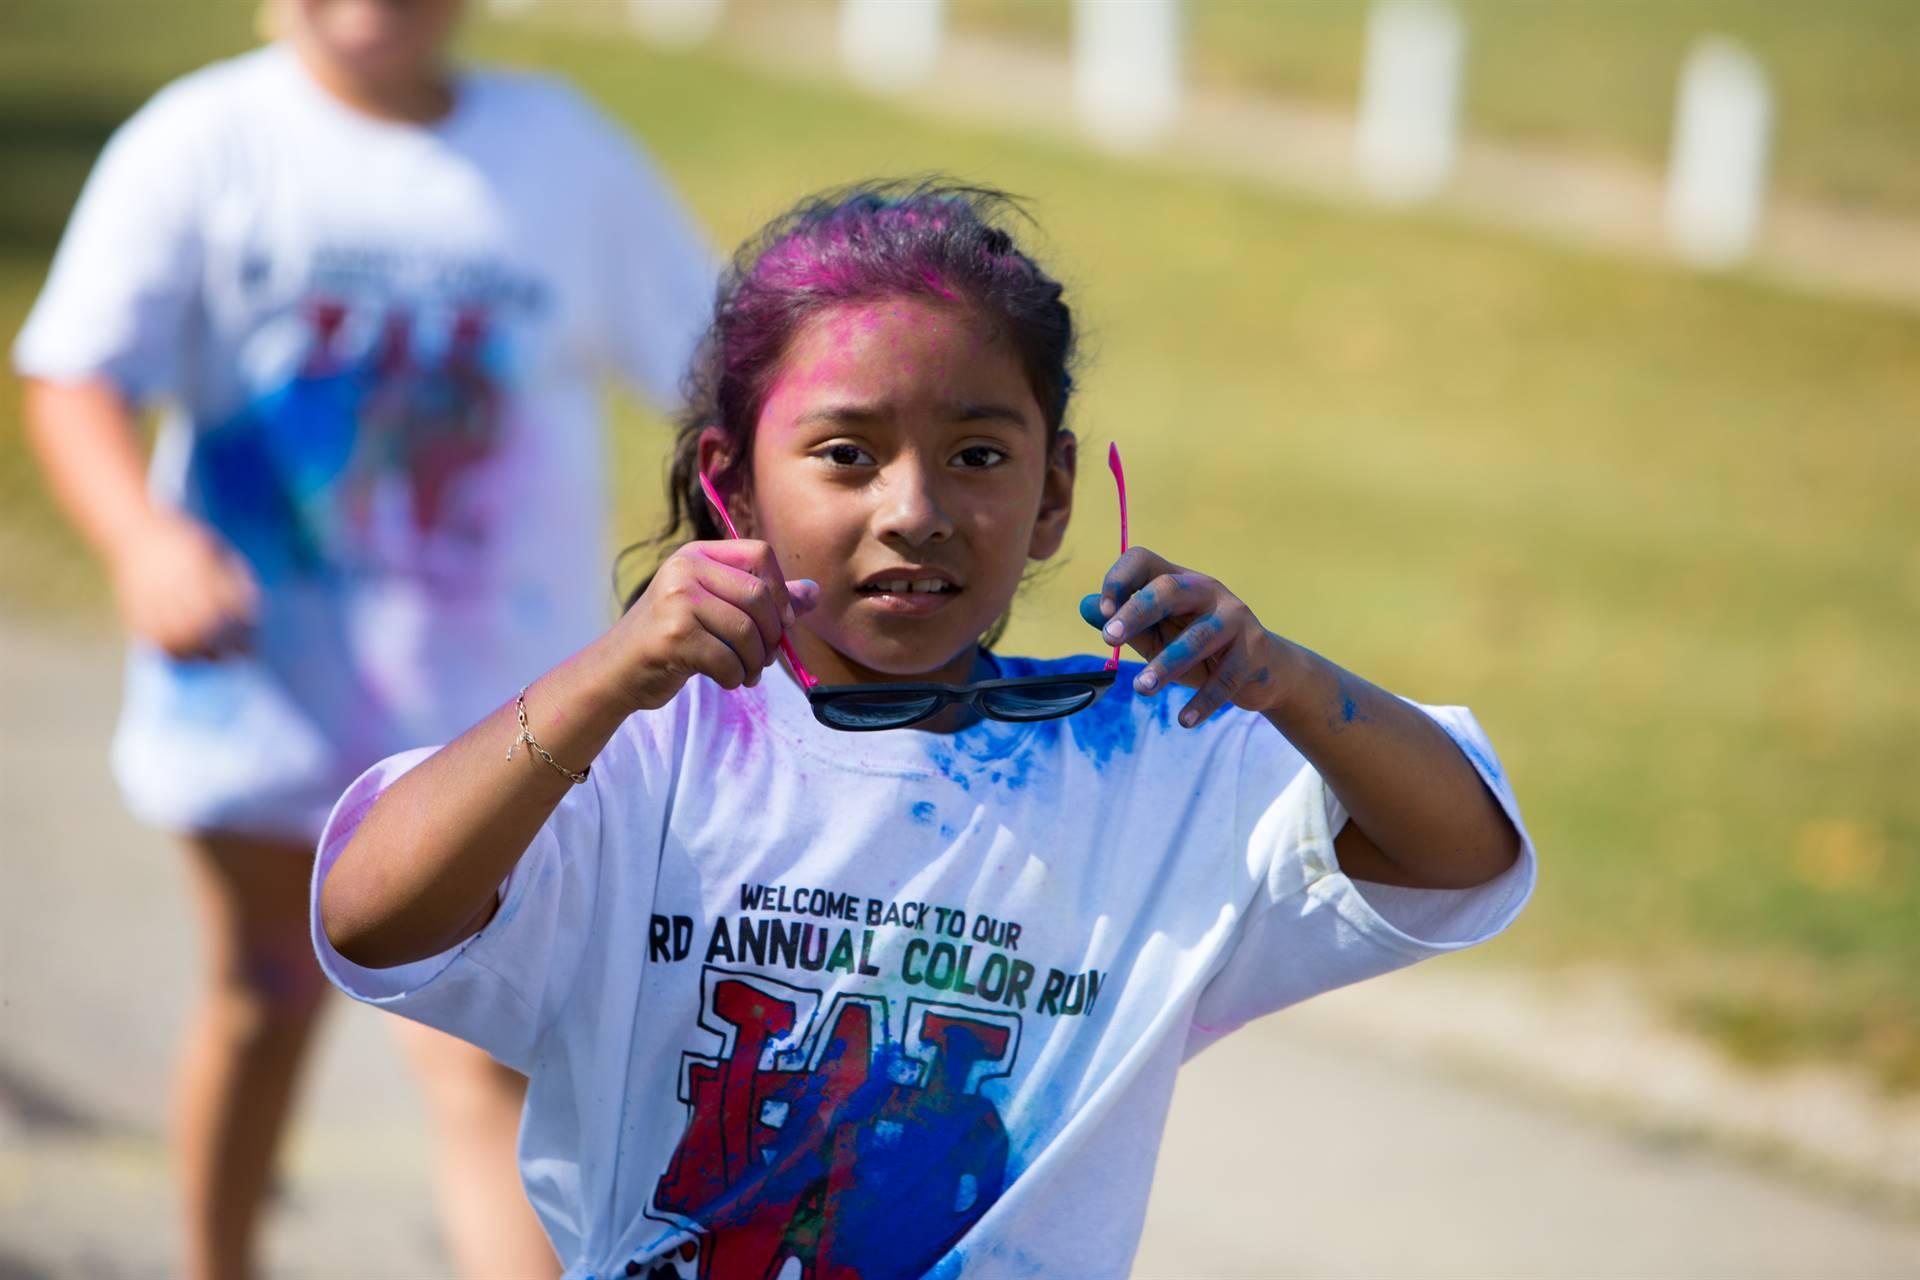 Girl 14 at color run